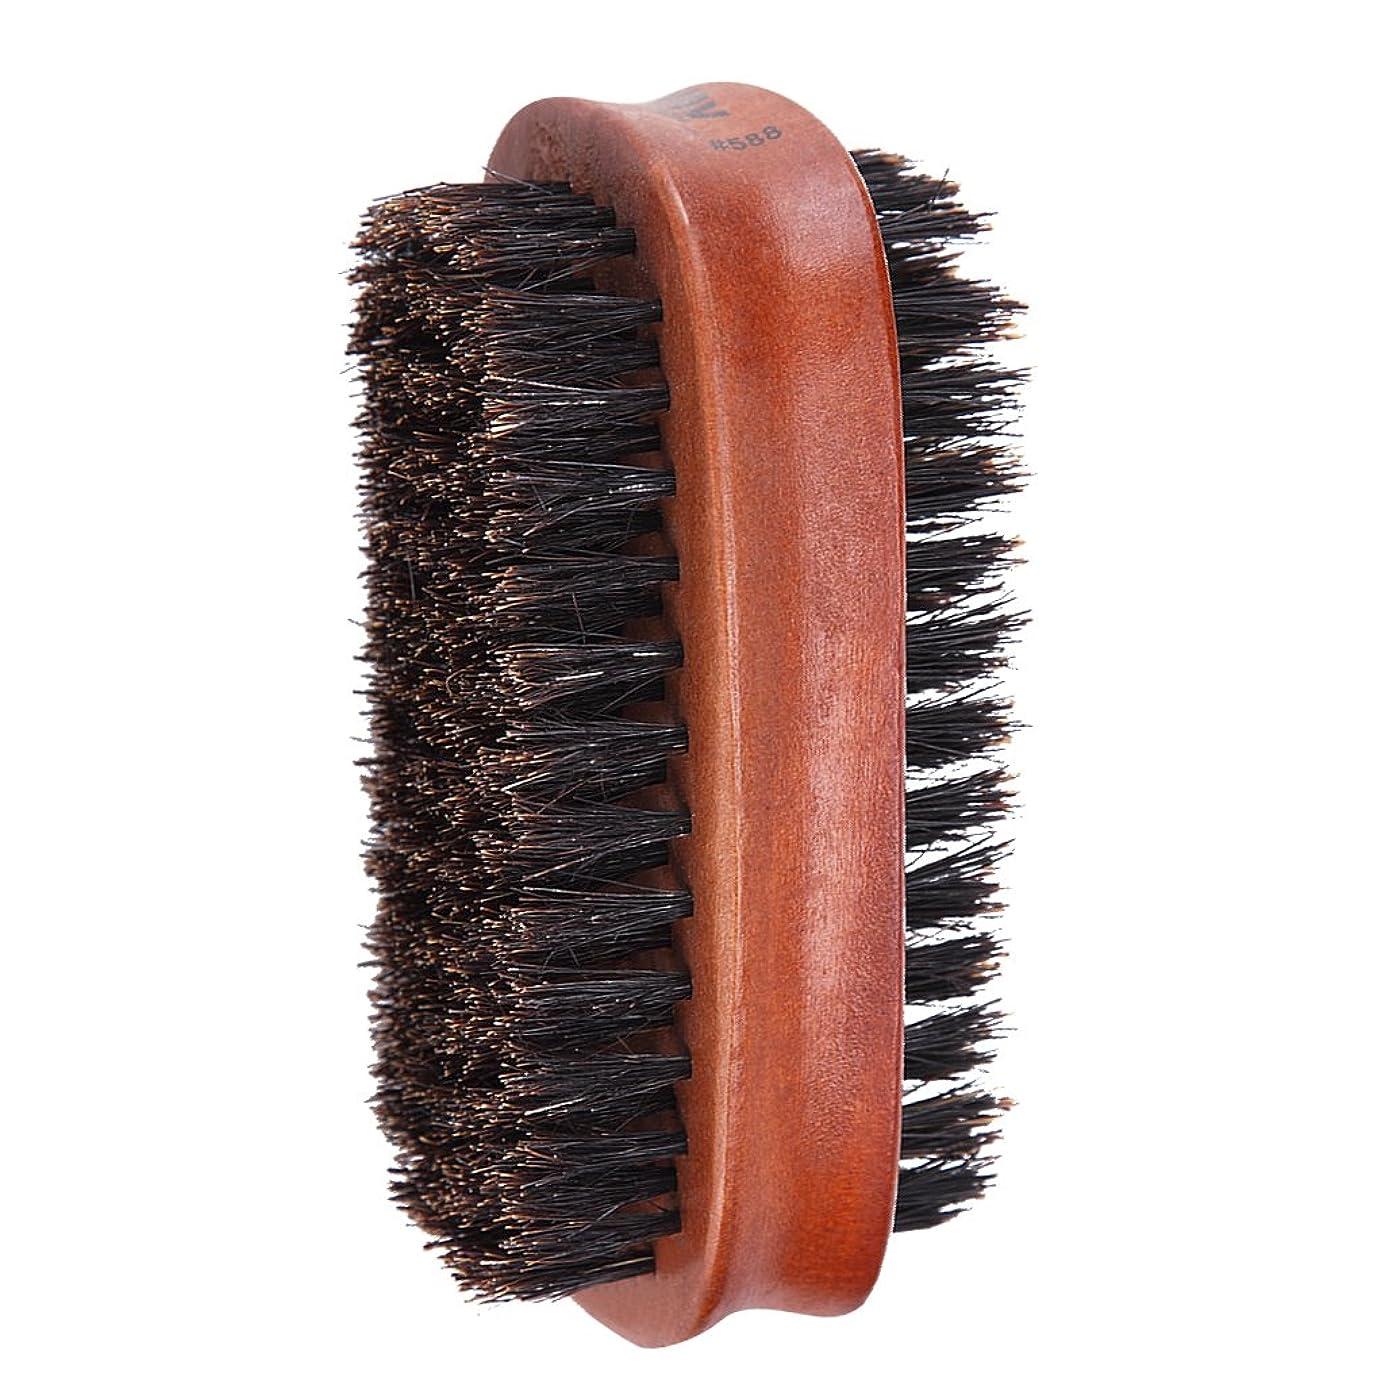 生産性危険な姓CUTICATE 男性髪髭口ひげグルーミングブラシハード両面コーム